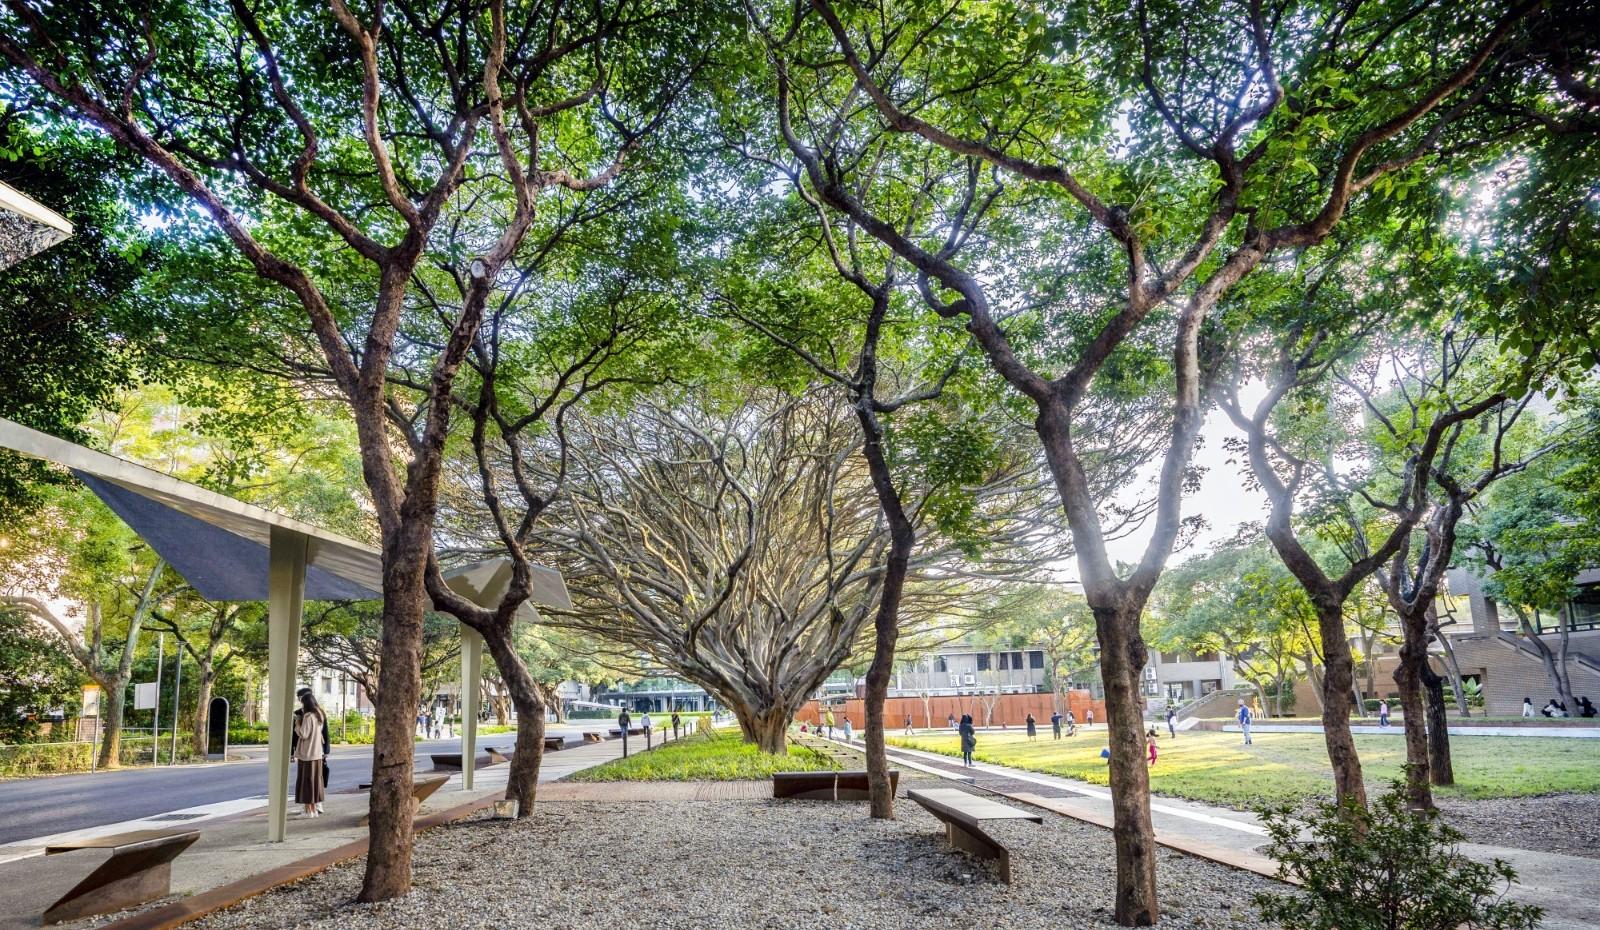 中原大學「泉源之谷」校園景觀,保留完整老榕樹與植栽風貌,展現「永續」校園精神。.jpg